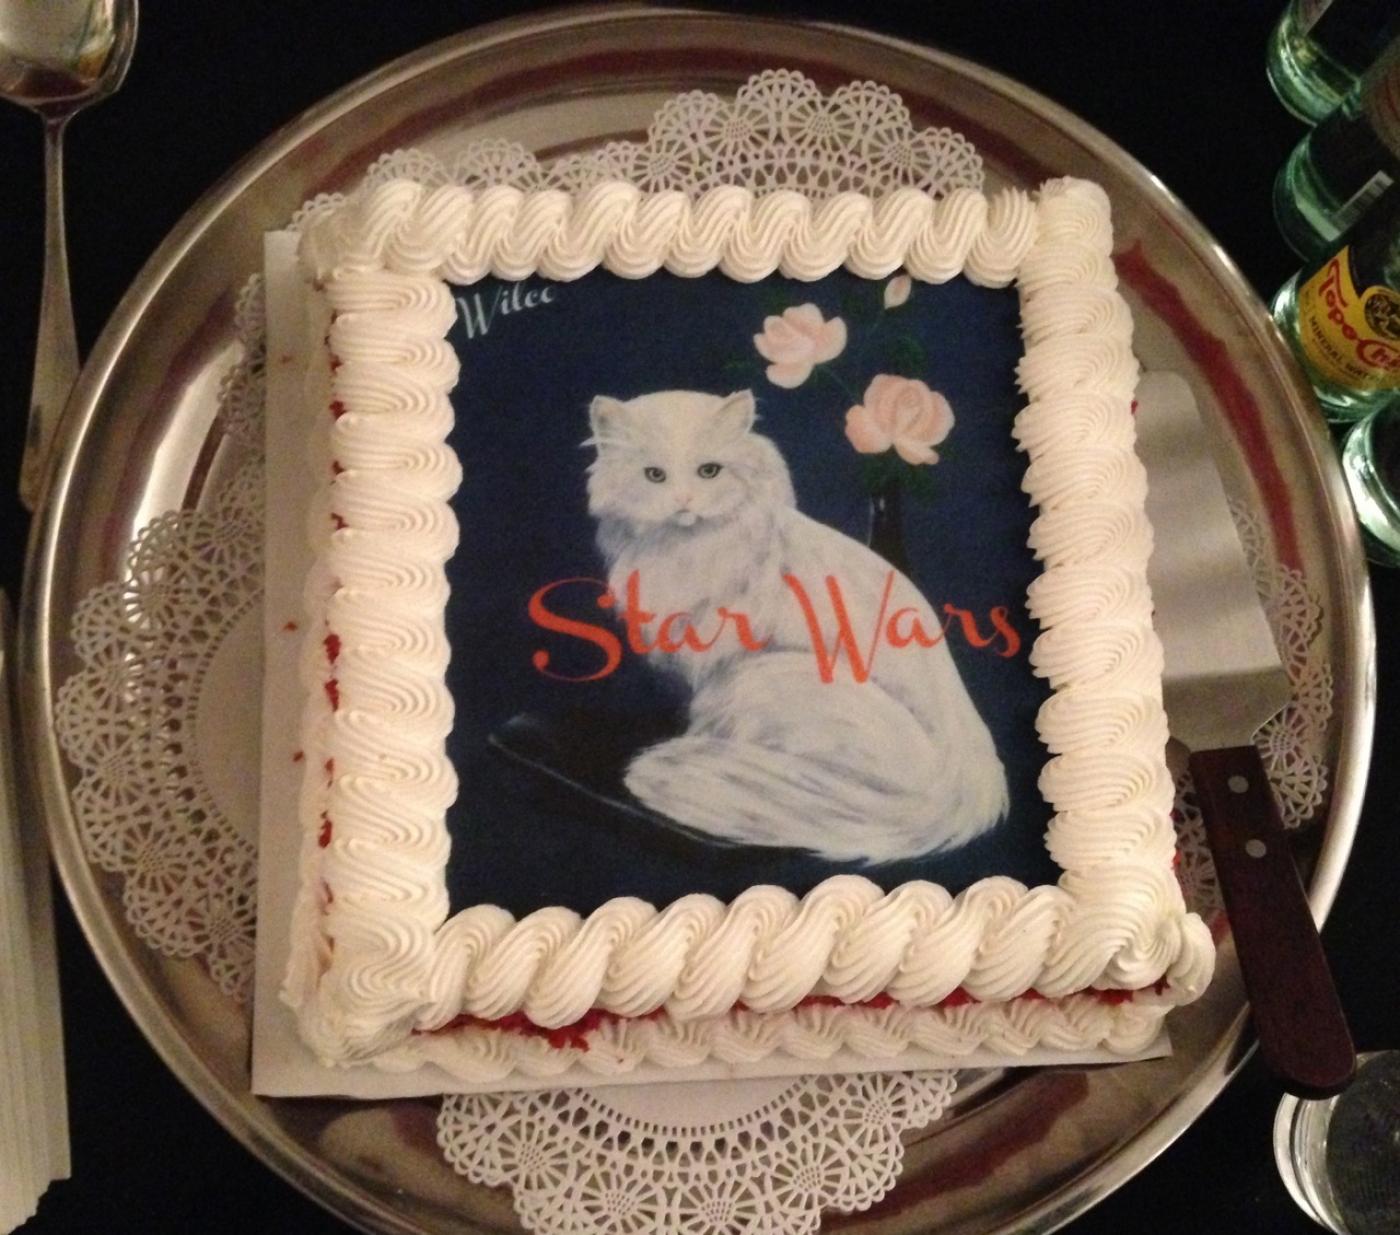 Wilco Kitty Cake in Brooklyn